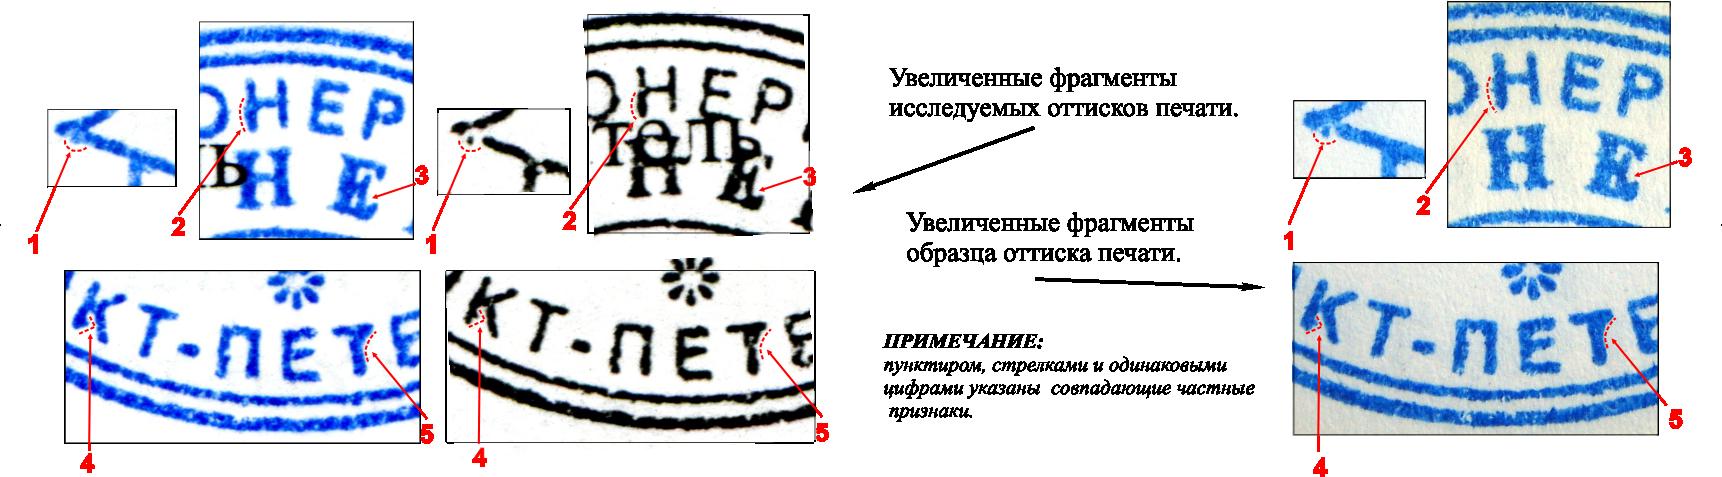 поделка печатей и штампов так сложно или